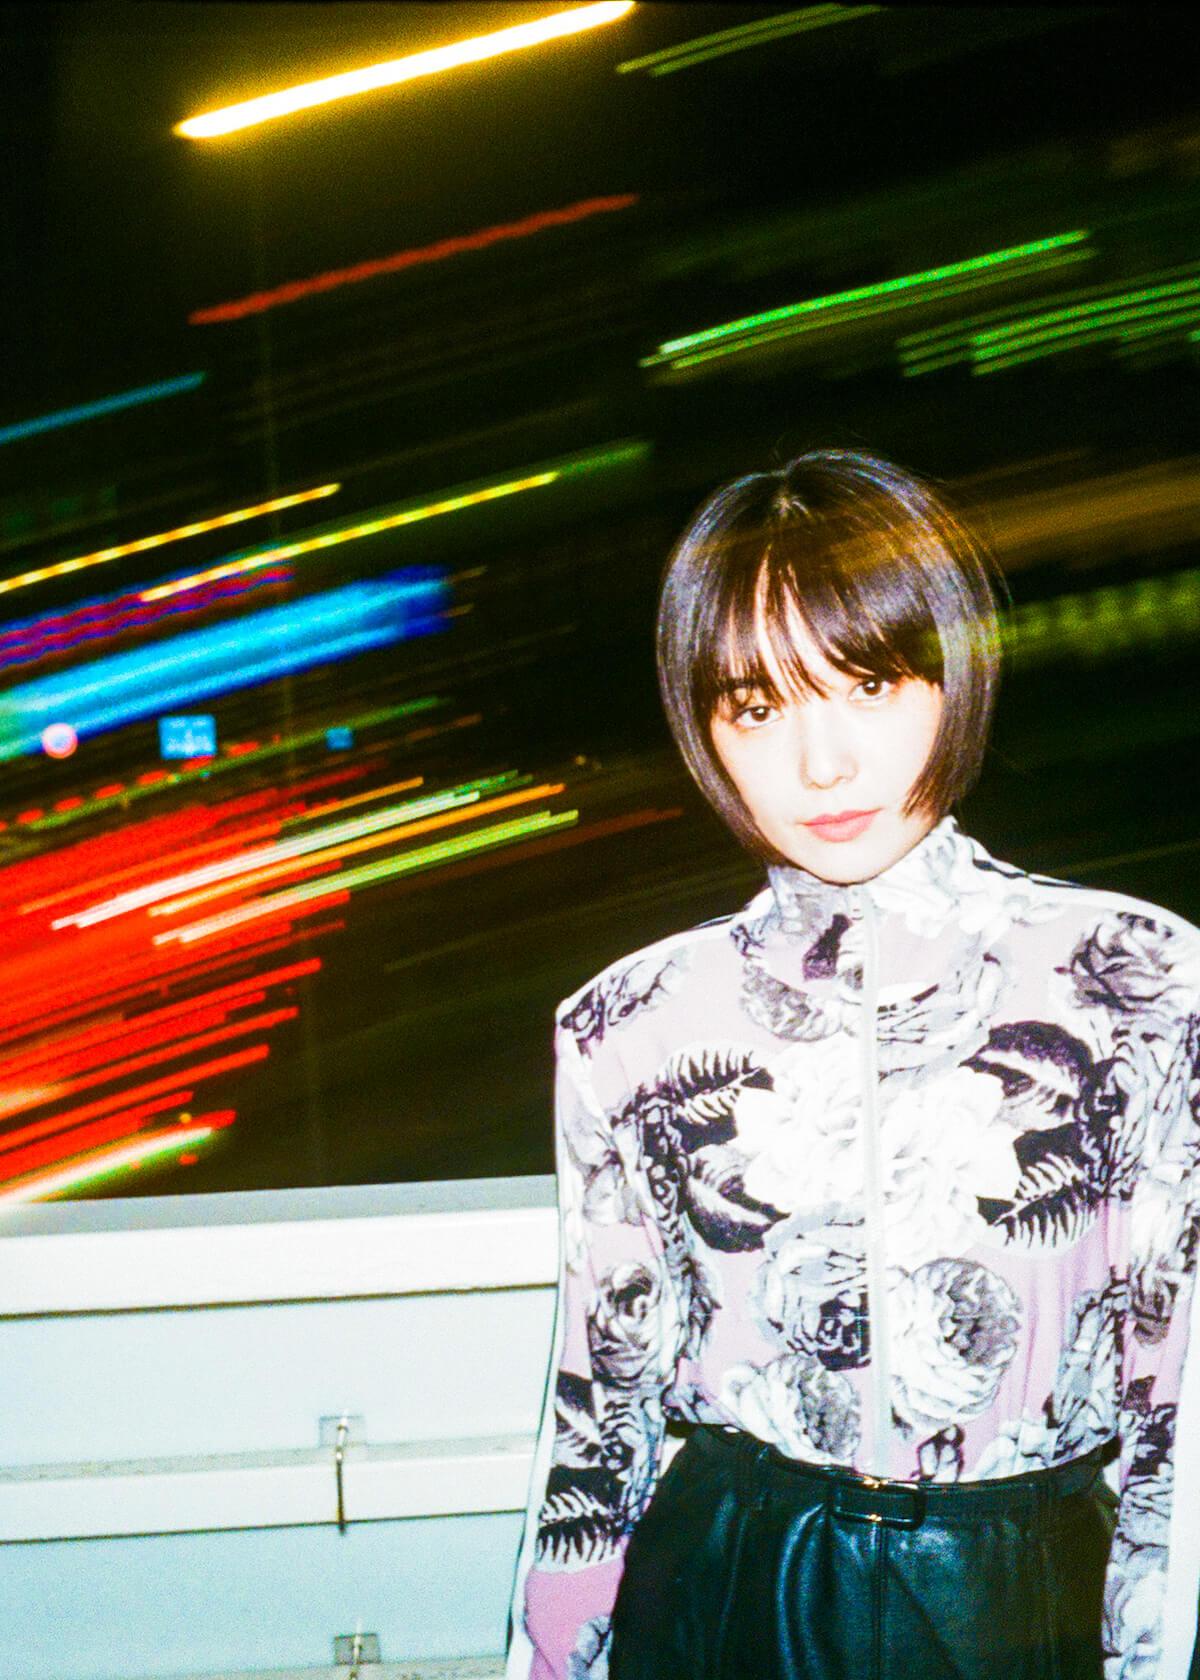 【25's view】アーティスト・Mikako|25人の25歳へインタビュー interview_190826_mikako_2